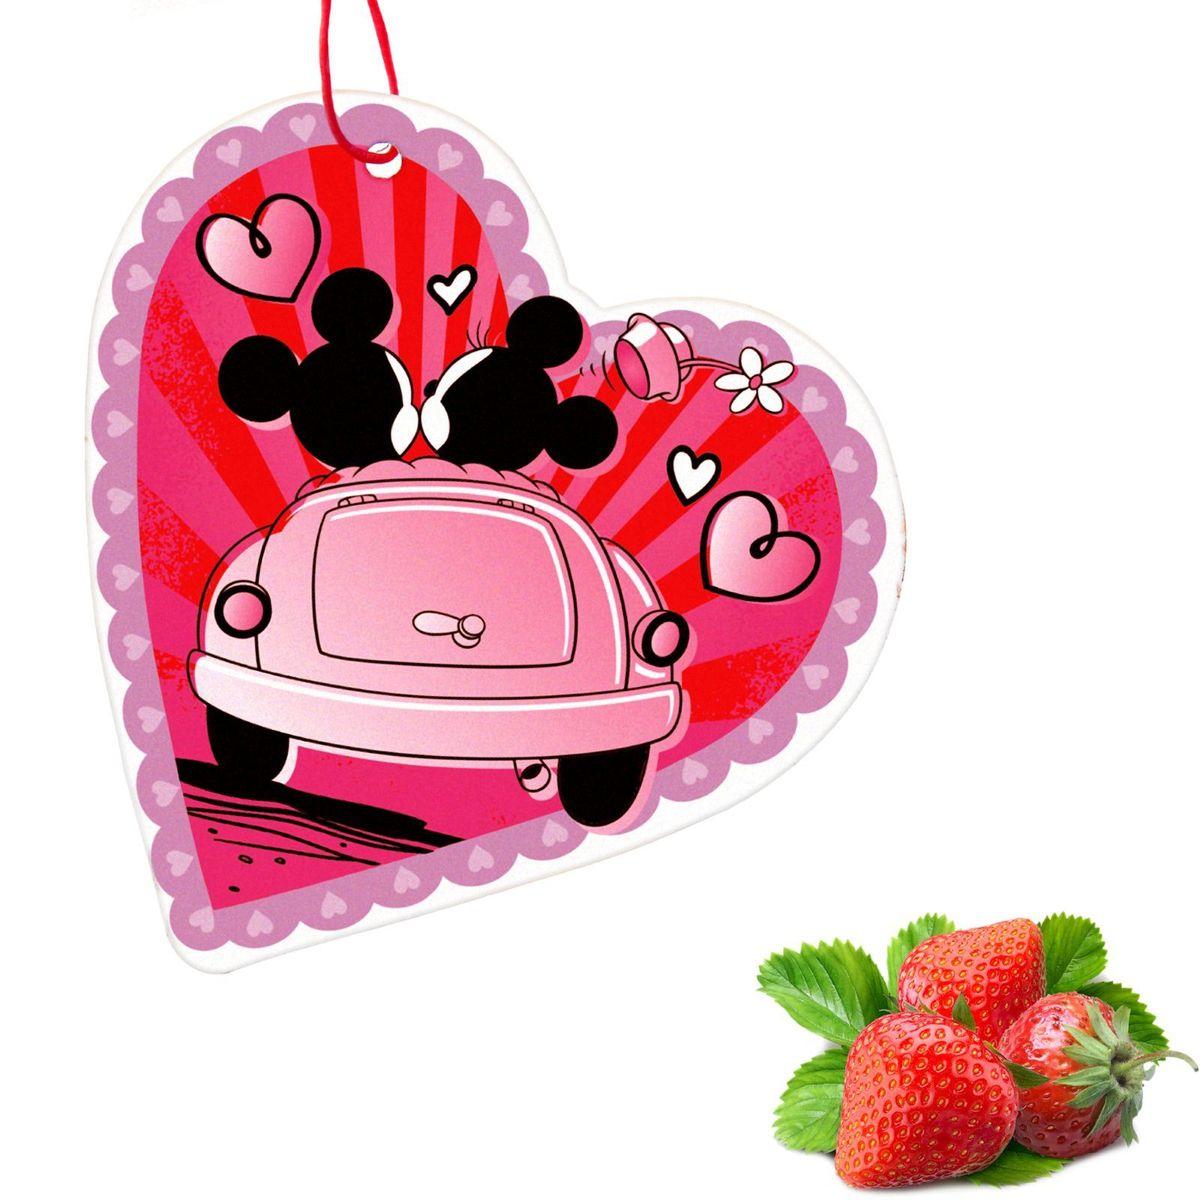 Ароматизатор в авто Disney Микки Маус. Любовь 2, 8,6 х 16,1 см1149009Яркость в серые городские будни и скучную езду по пробкам добавит ароматизатор в авто. В нем сочетаются эксклюзивный дизайн и приятный аромат. Повесьте его на зеркало, и любимые герои уничтожат неприятные запахи. Если у вас нет автомобиля — не беда! Повесьте ароматизатор дома или на работе и наслаждайтесь чудесным благоуханием.